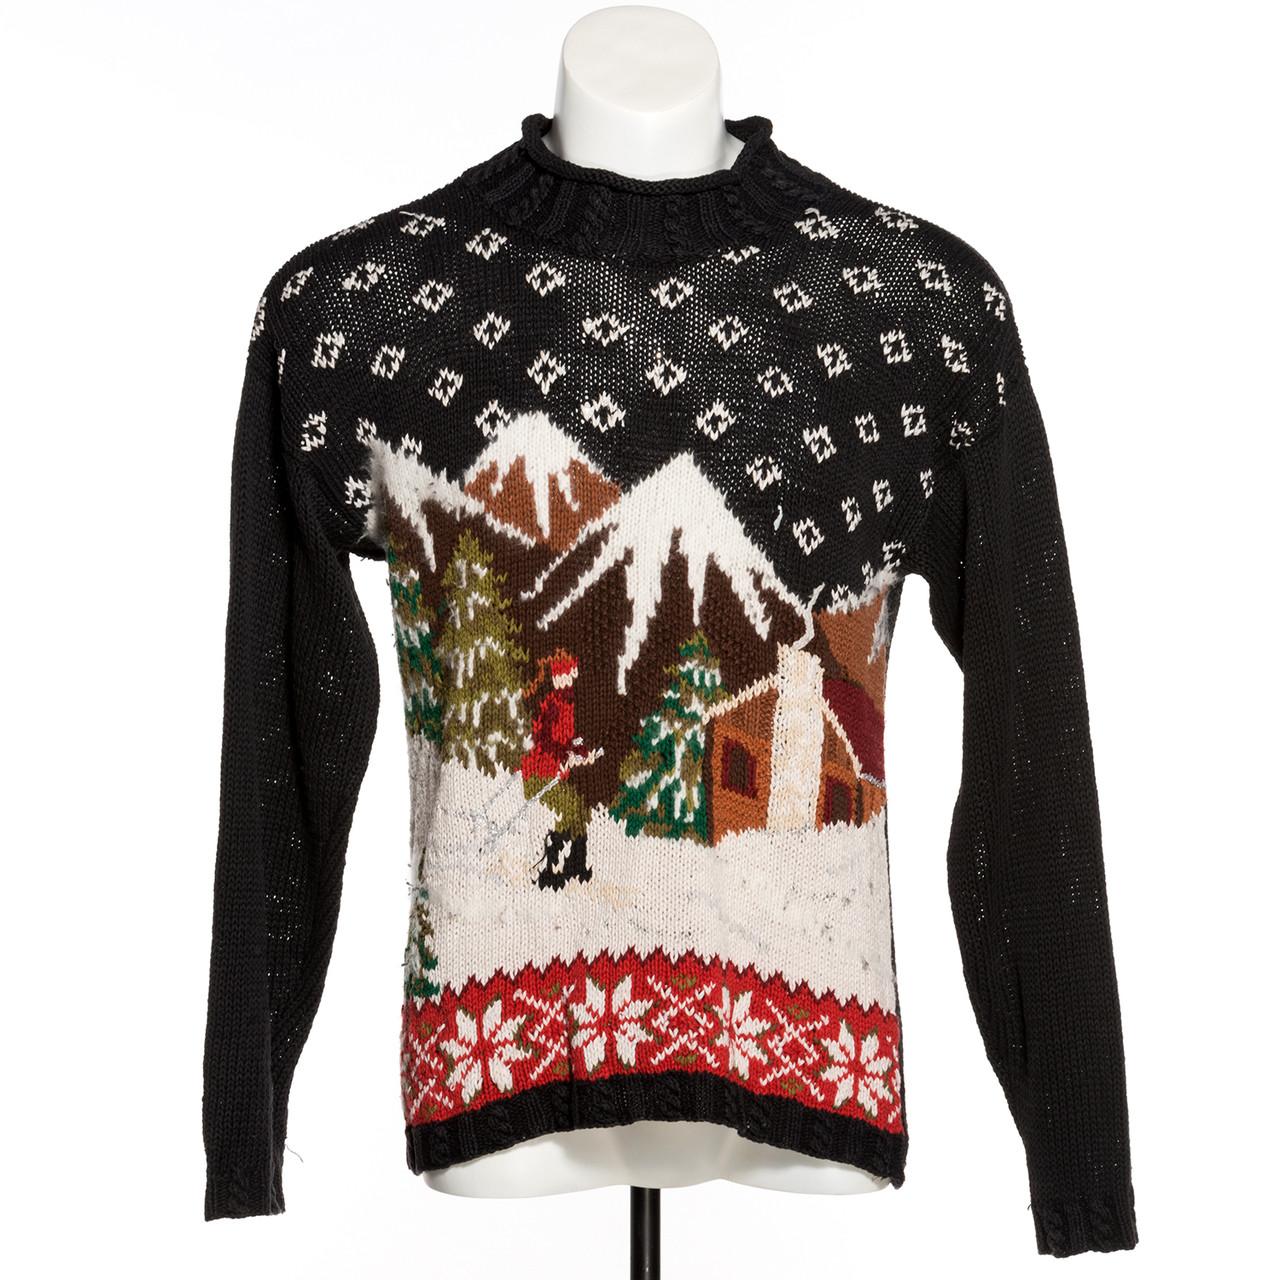 Ski Lodge Vintage Ugly Christmas Sweater